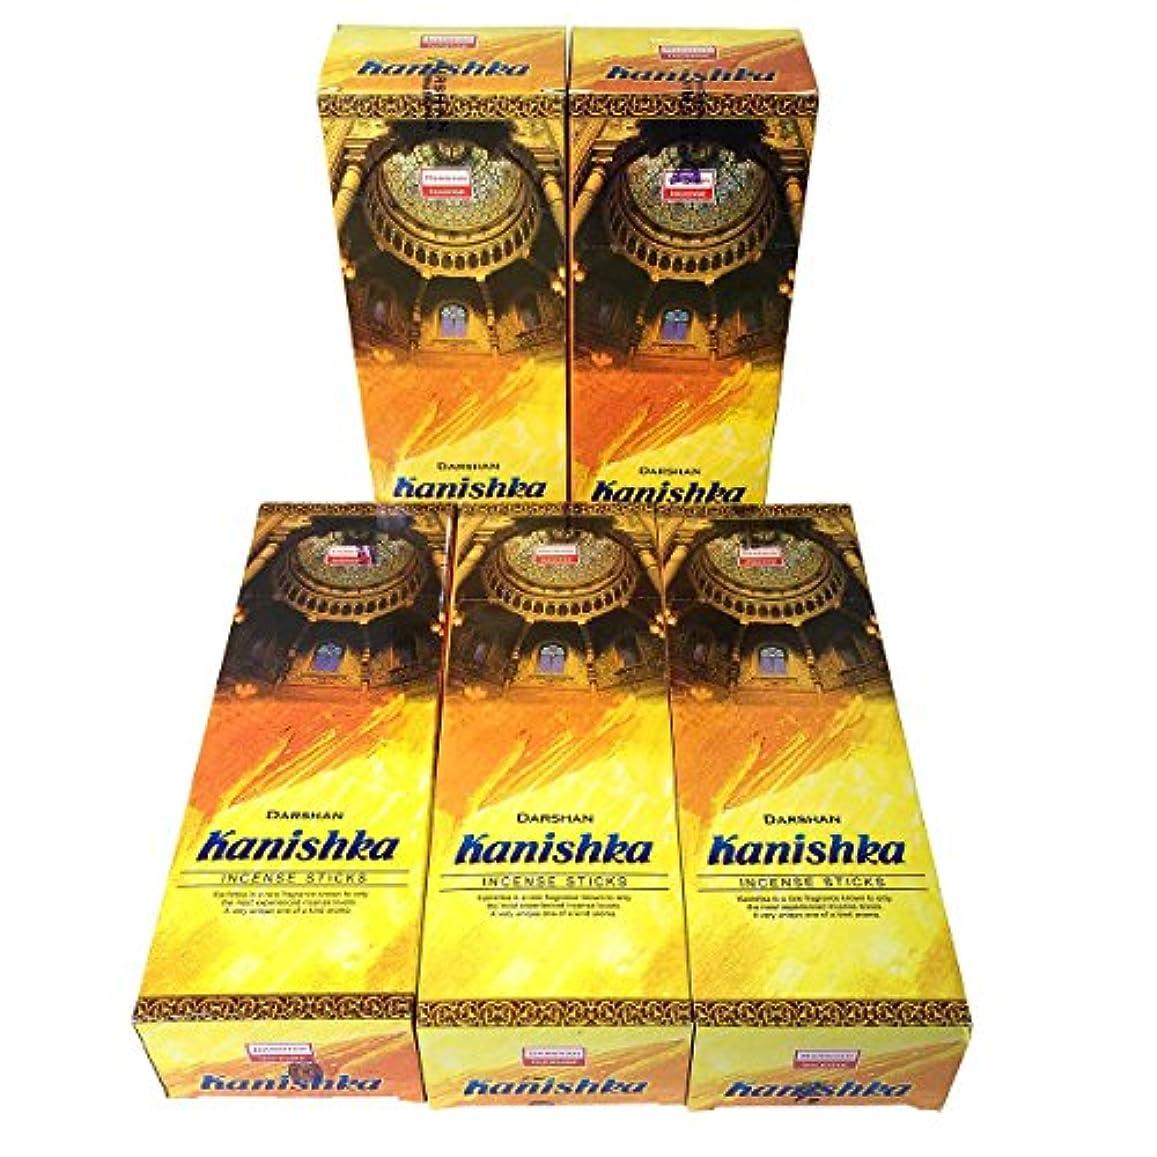 コーナーふりをするジレンマカニシュカ香スティック 5BOX(30箱)/DARSHAN KANISHKA/ インド香 / 送料無料 [並行輸入品]